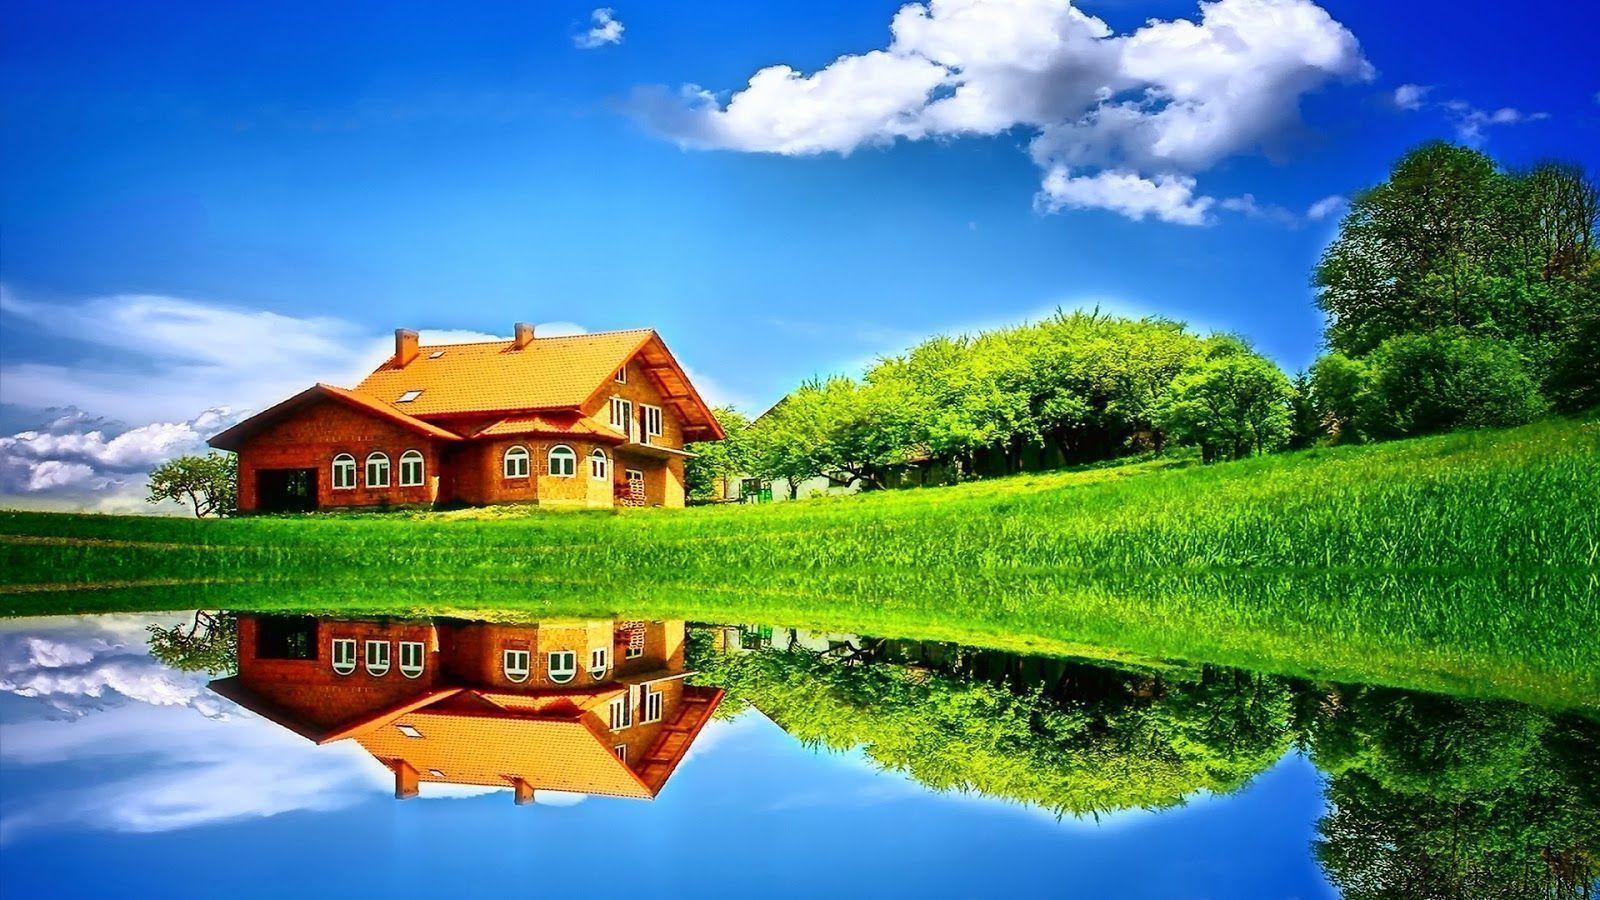 Wallpaper nature hq